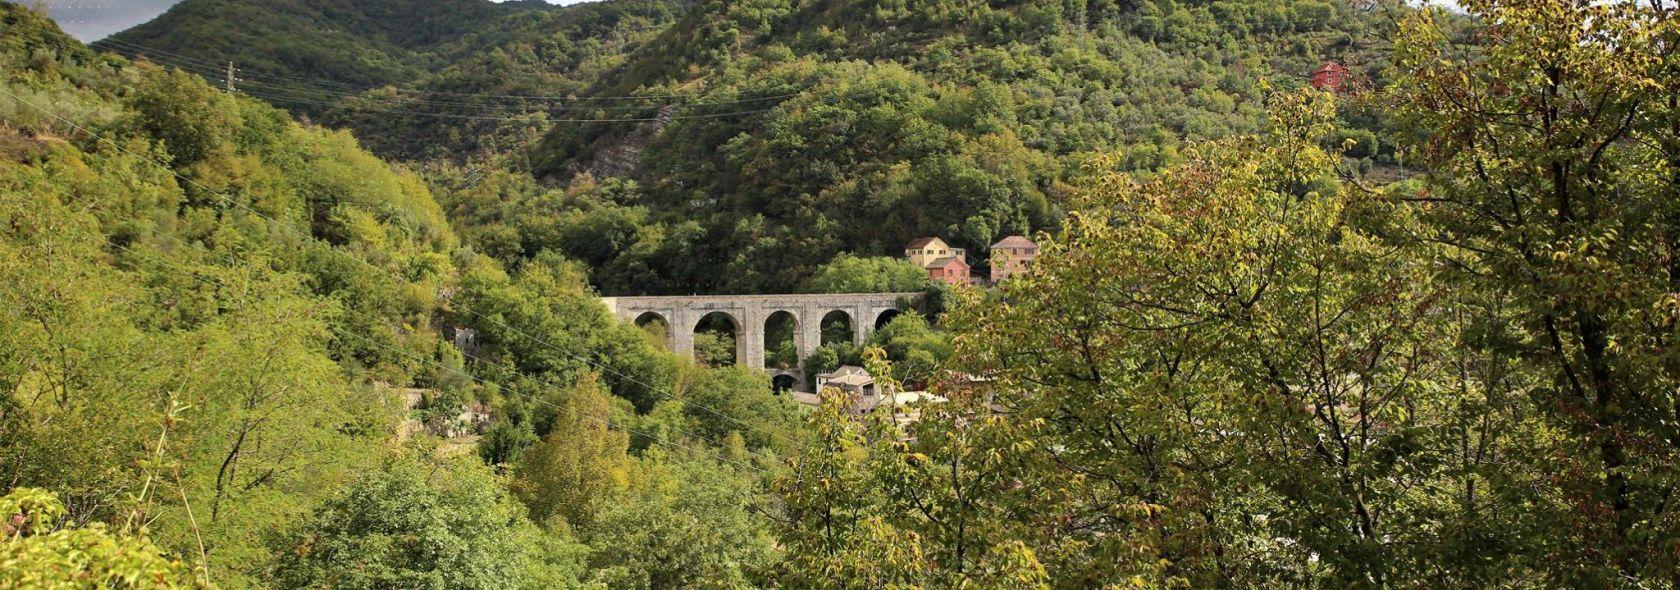 Un tratto dell'acquedotto storico